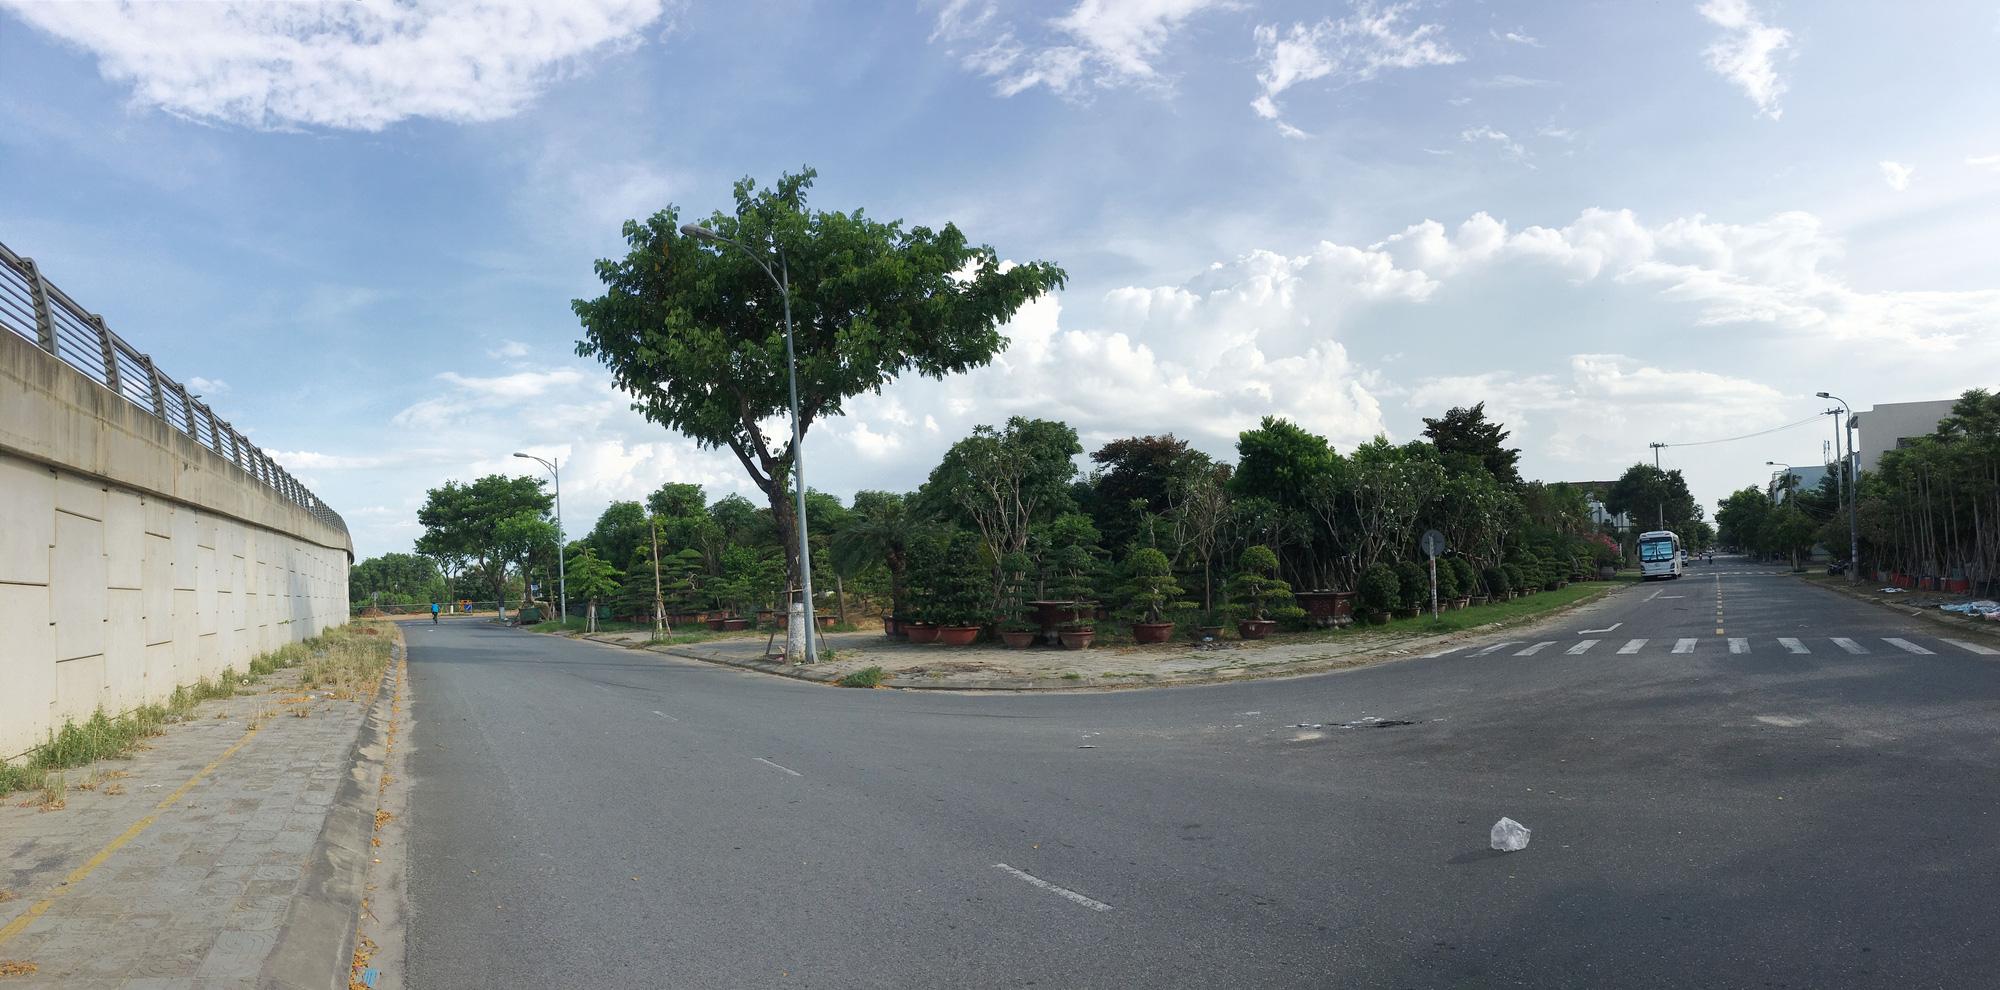 Cận cảnh hai khu đất ở quận Cẩm Lệ, Đà Nẵng sẽ đấu giá làm bãi đỗ xe - Ảnh 2.